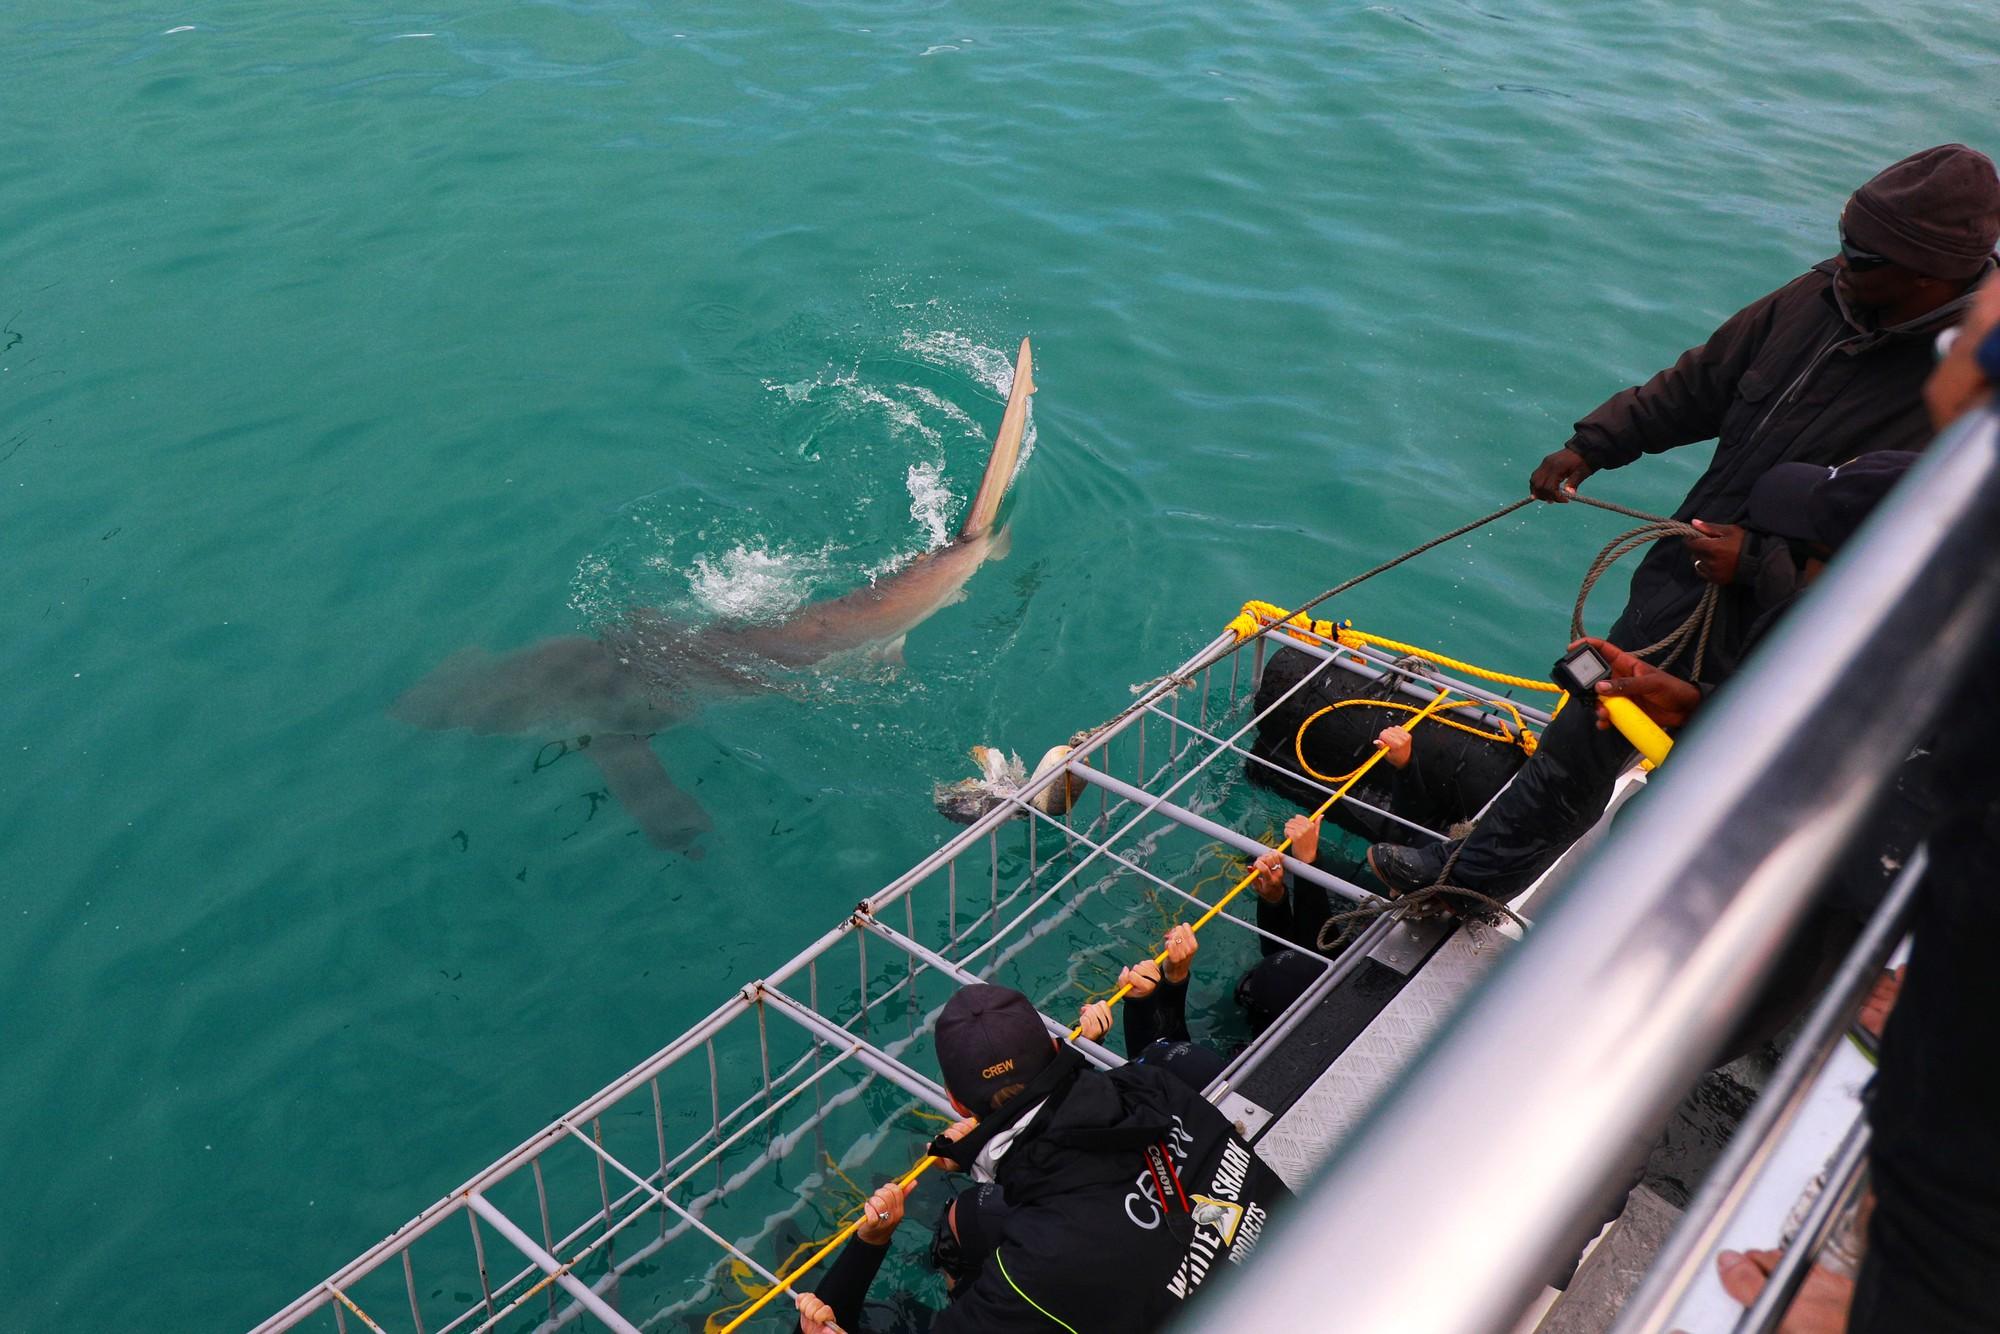 Chạm trán sát thủ đại dương tại Mũi Hảo Vọng - Ảnh 4.